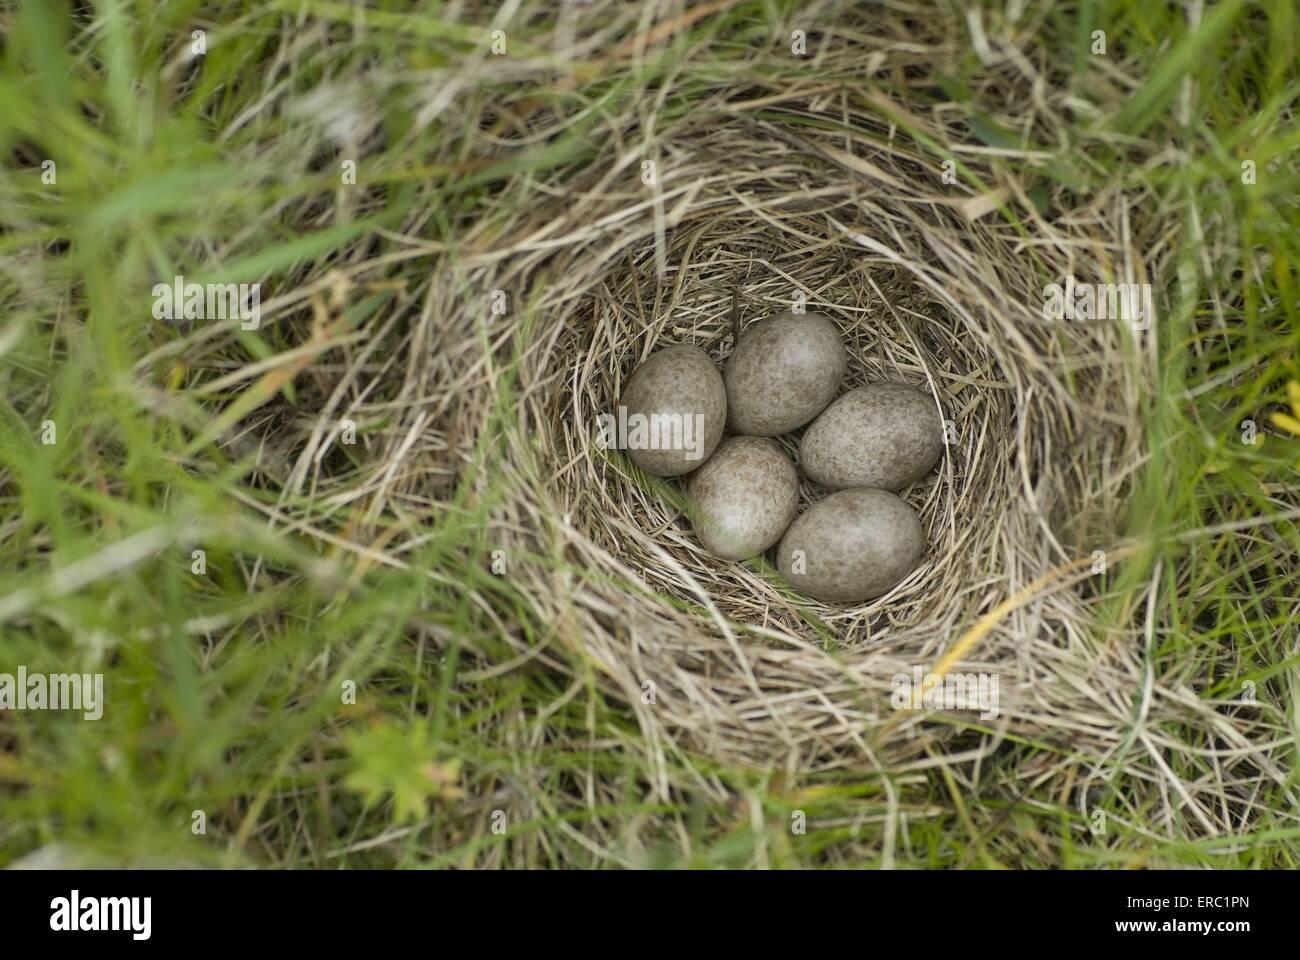 common skylark eggs - Stock Image